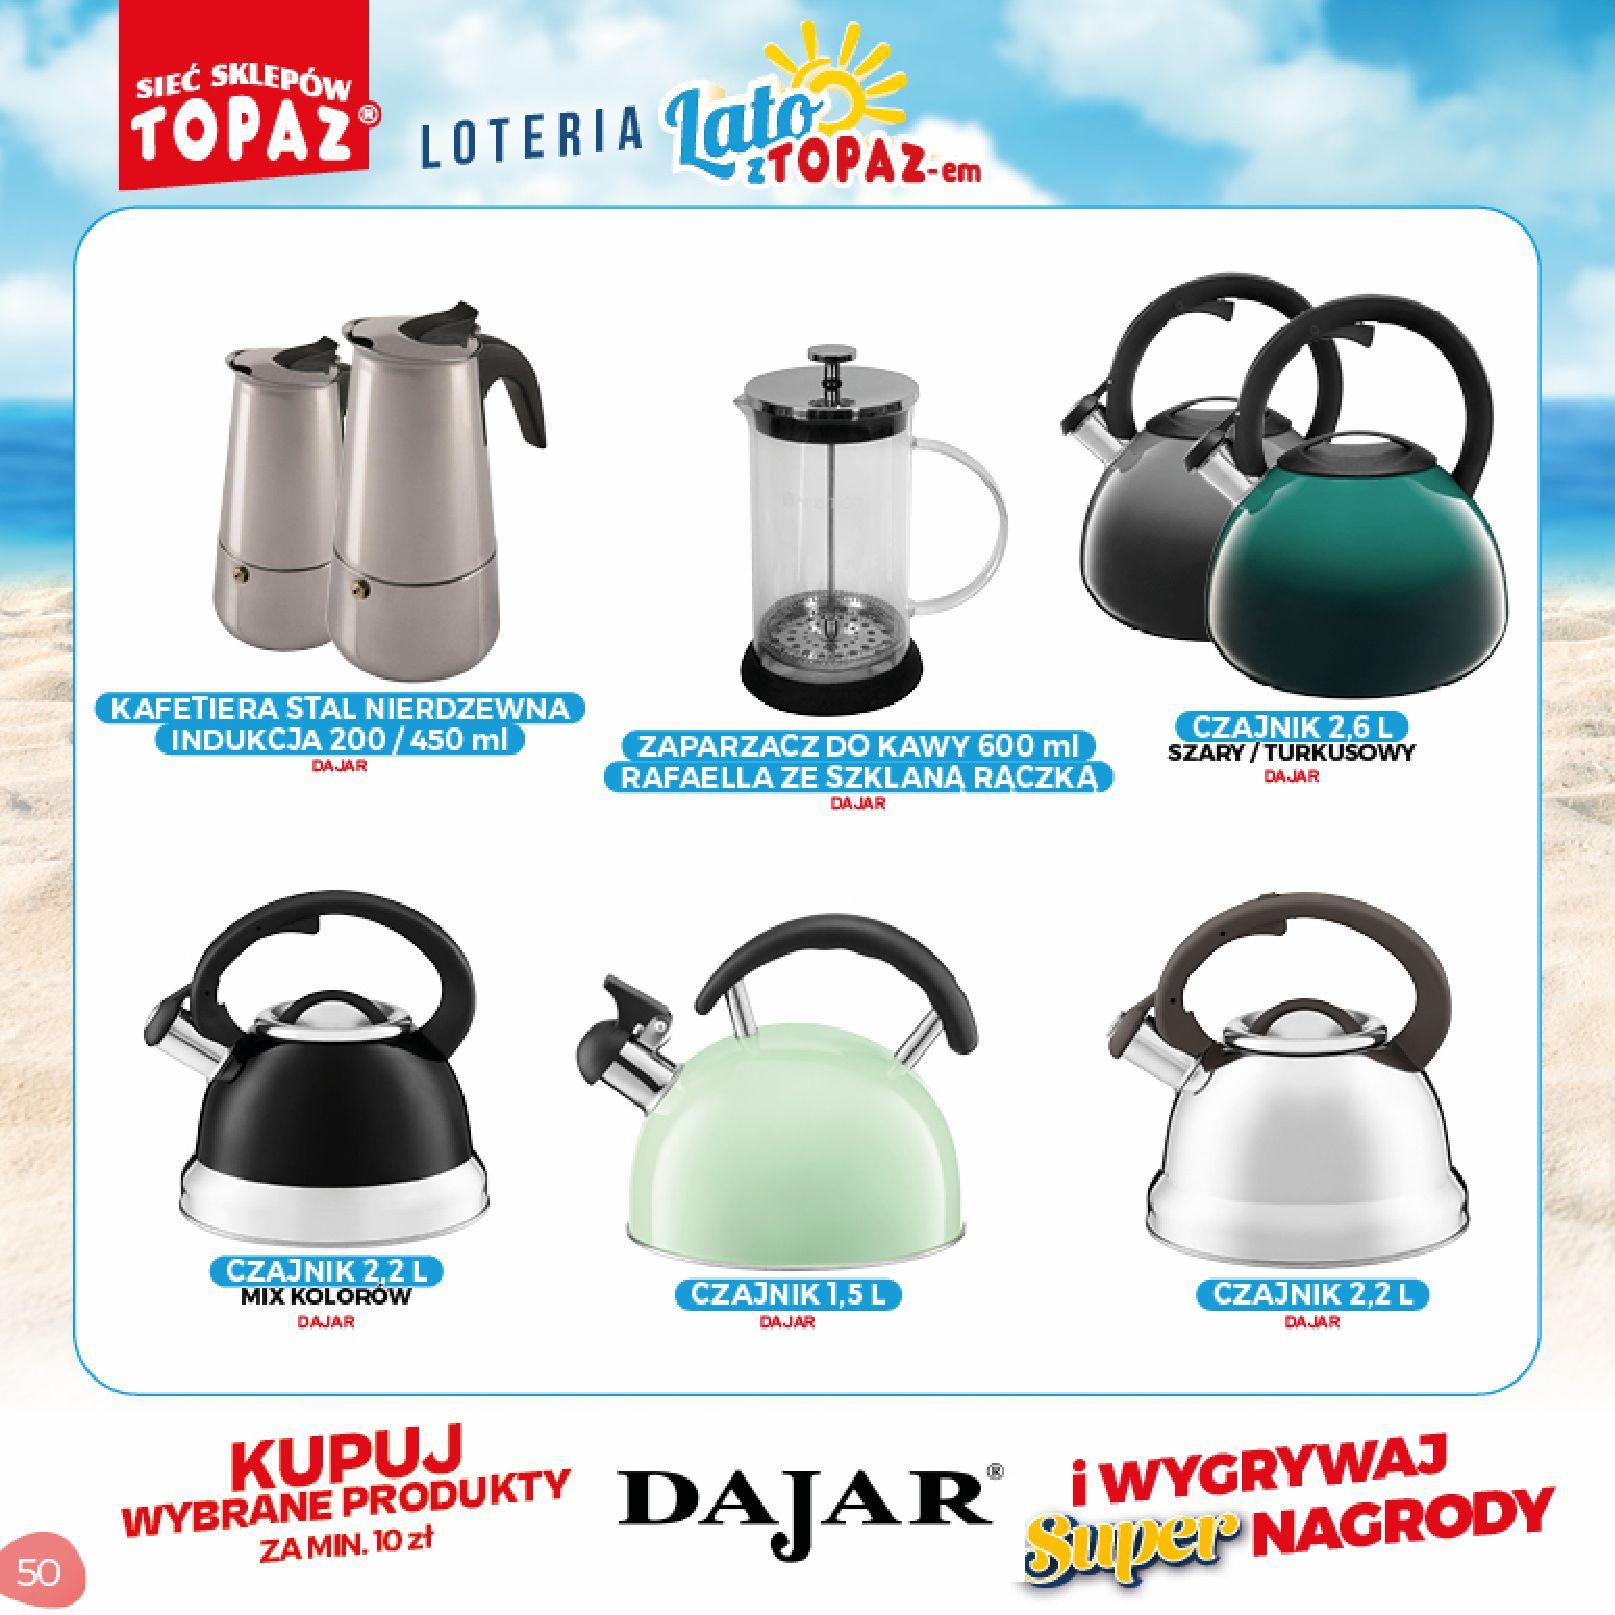 Gazetka TOPAZ: Gazetka TOPAZ - Loteria 2021-07-05 page-50